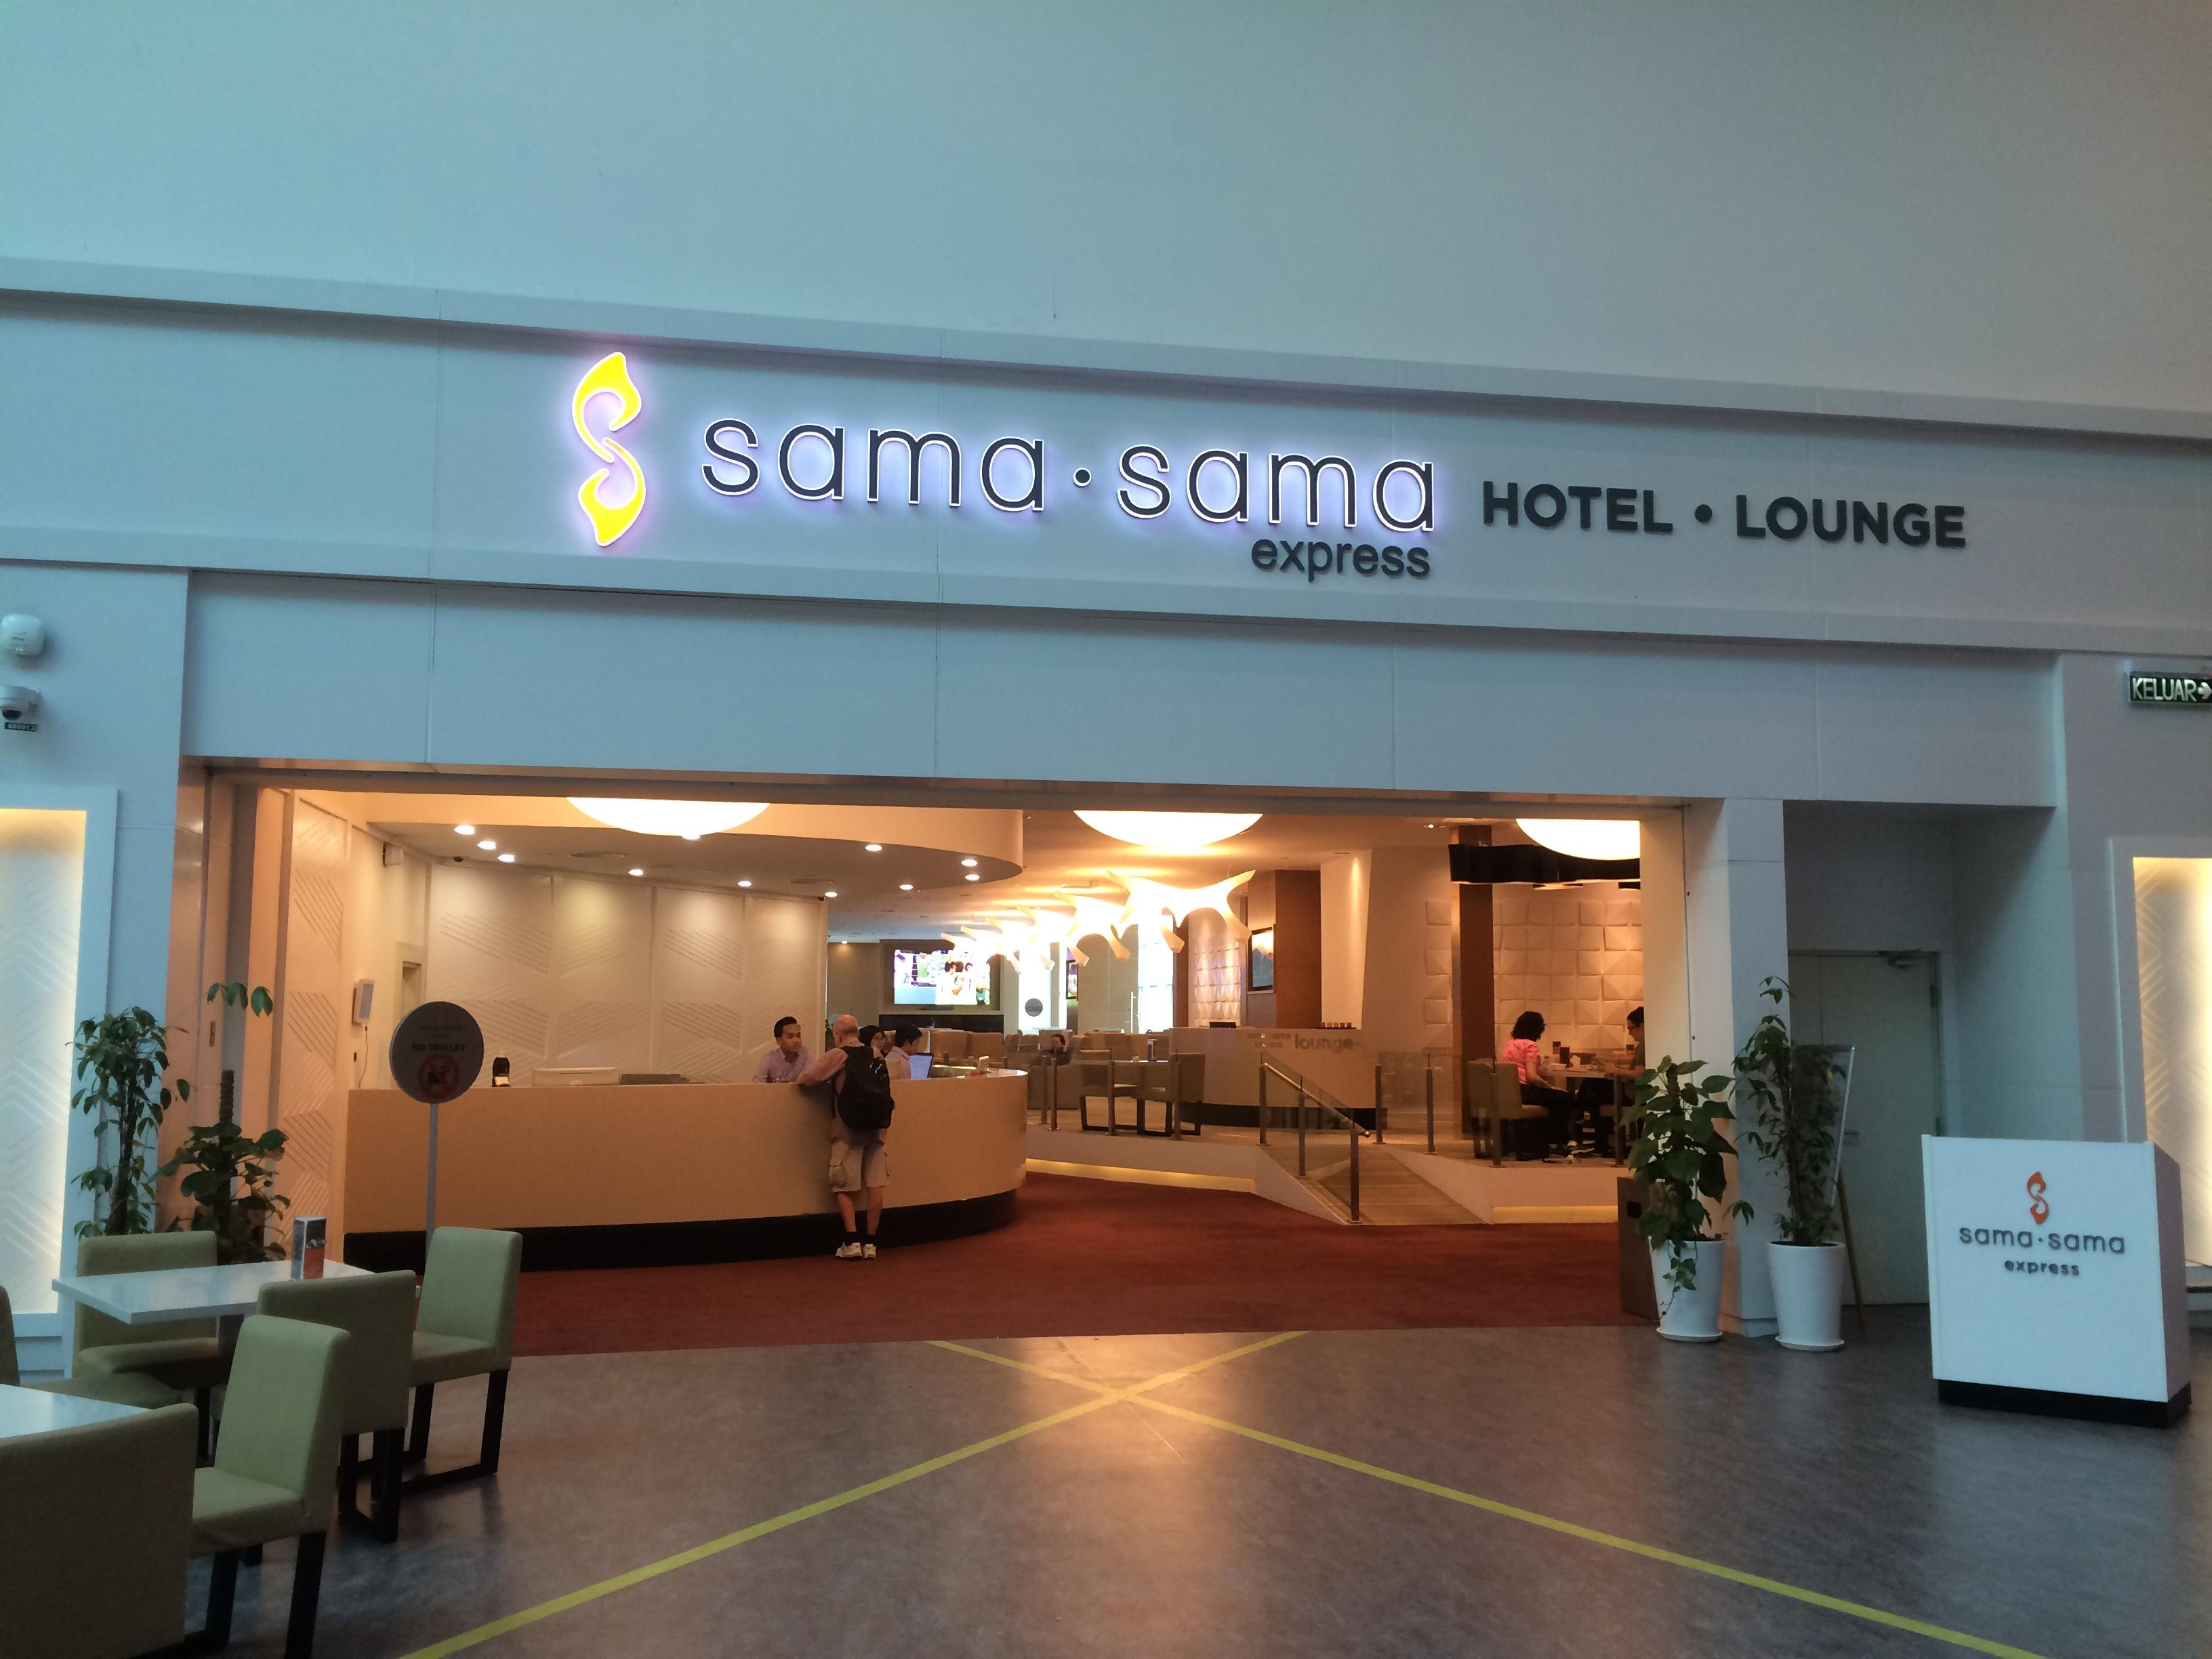 クアラルンプール空港第二ターミナルの長時間トランジット対策。sama sama express hotelへの行き方